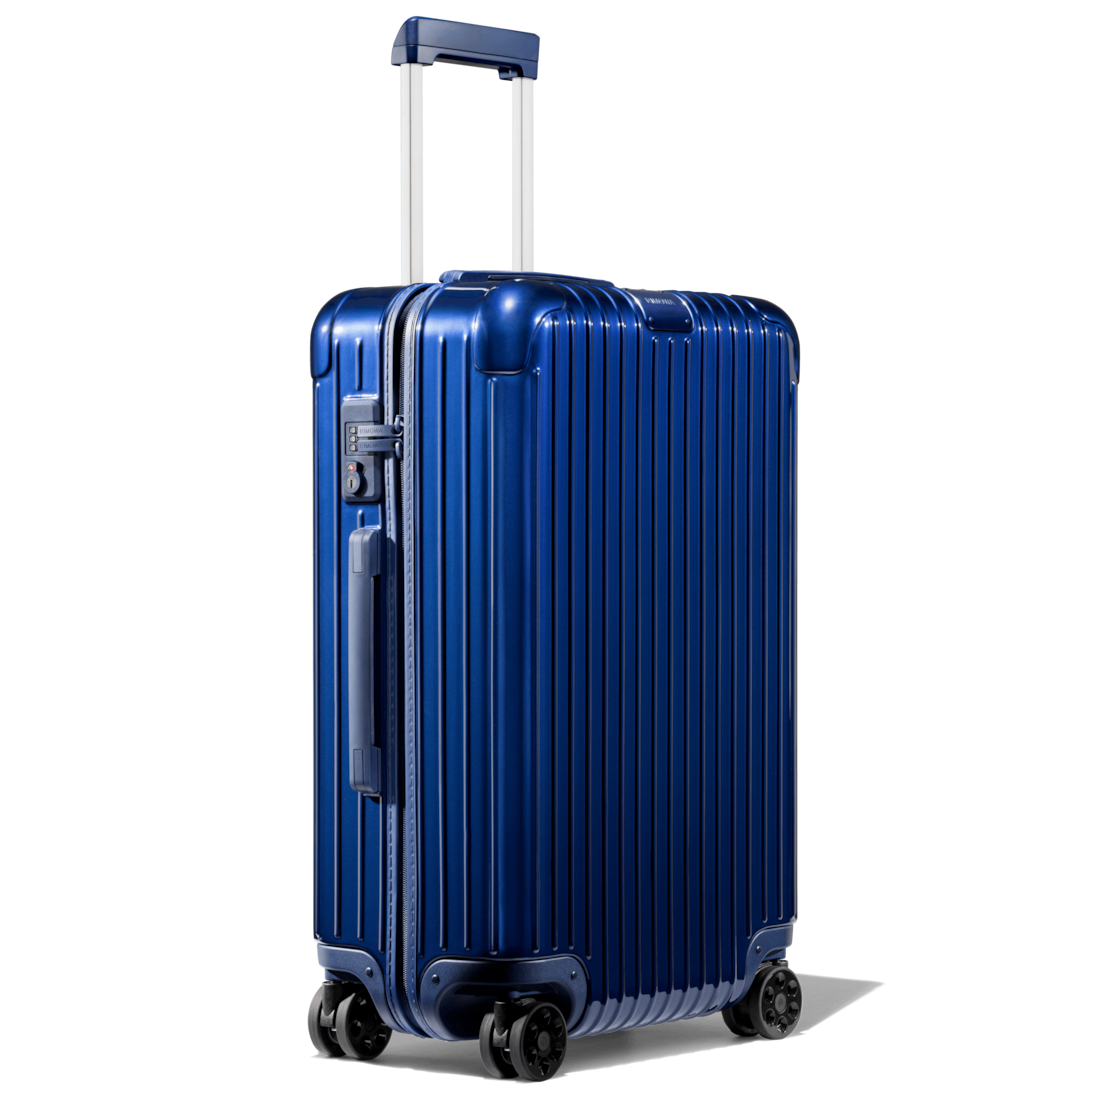 ポリカーボネート製スーツケースの人気シリーズESSENTIAL